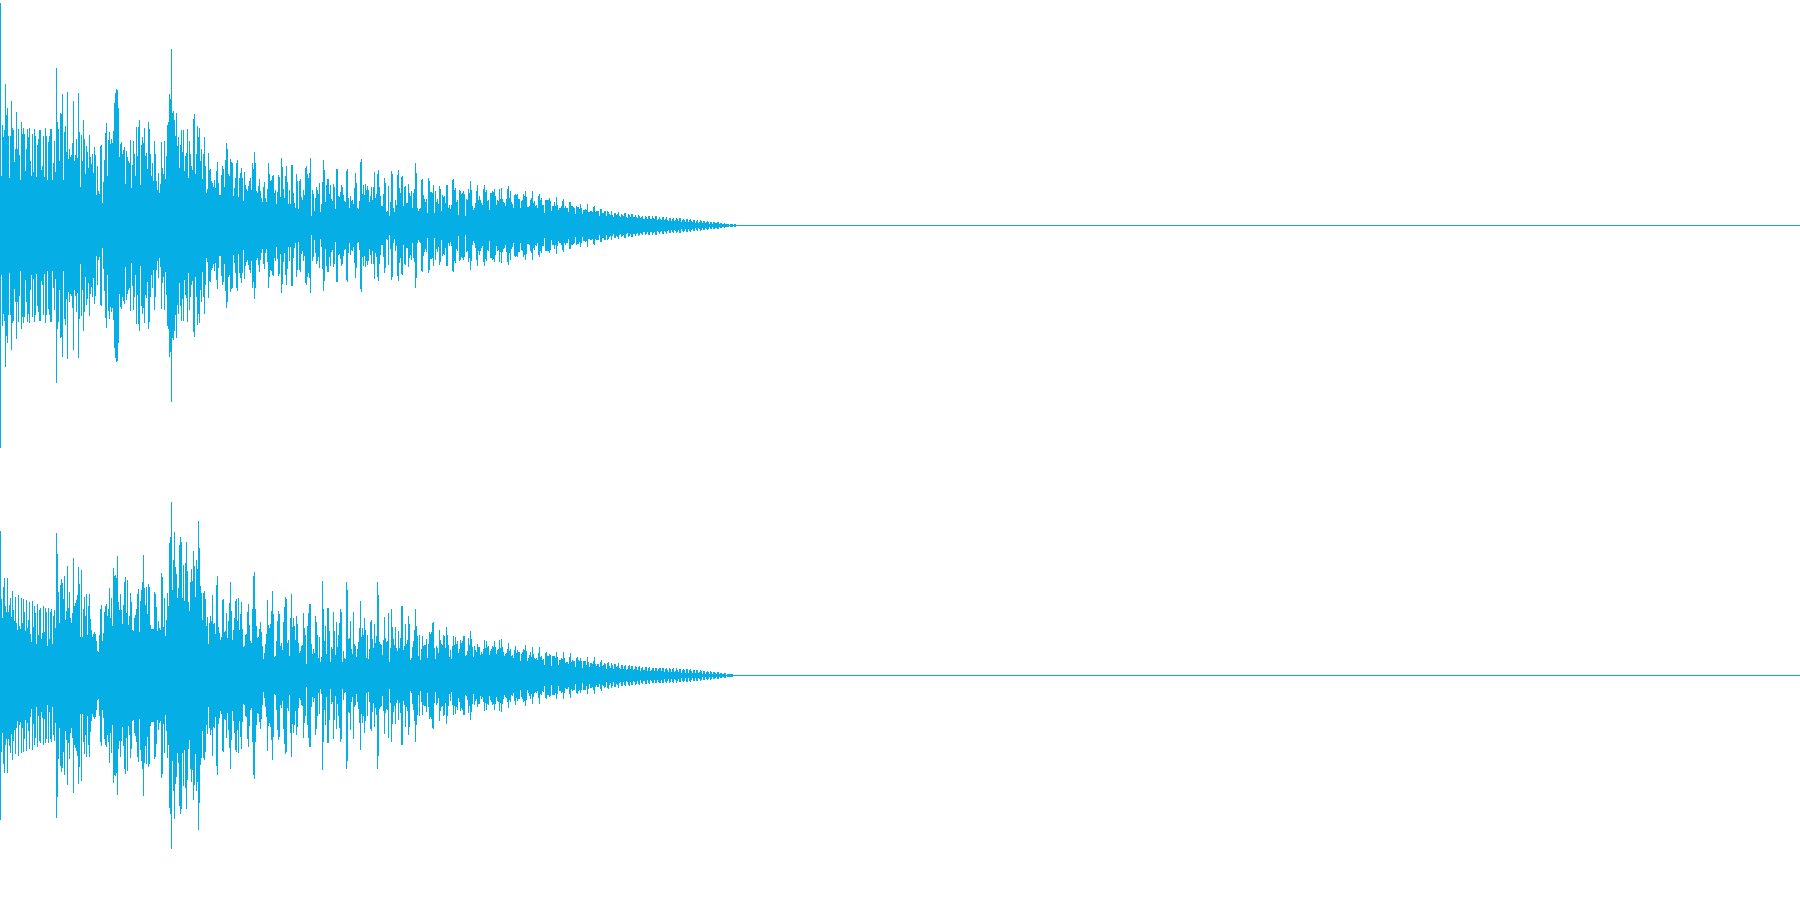 Cursor セレクト・カーソルの音14の再生済みの波形